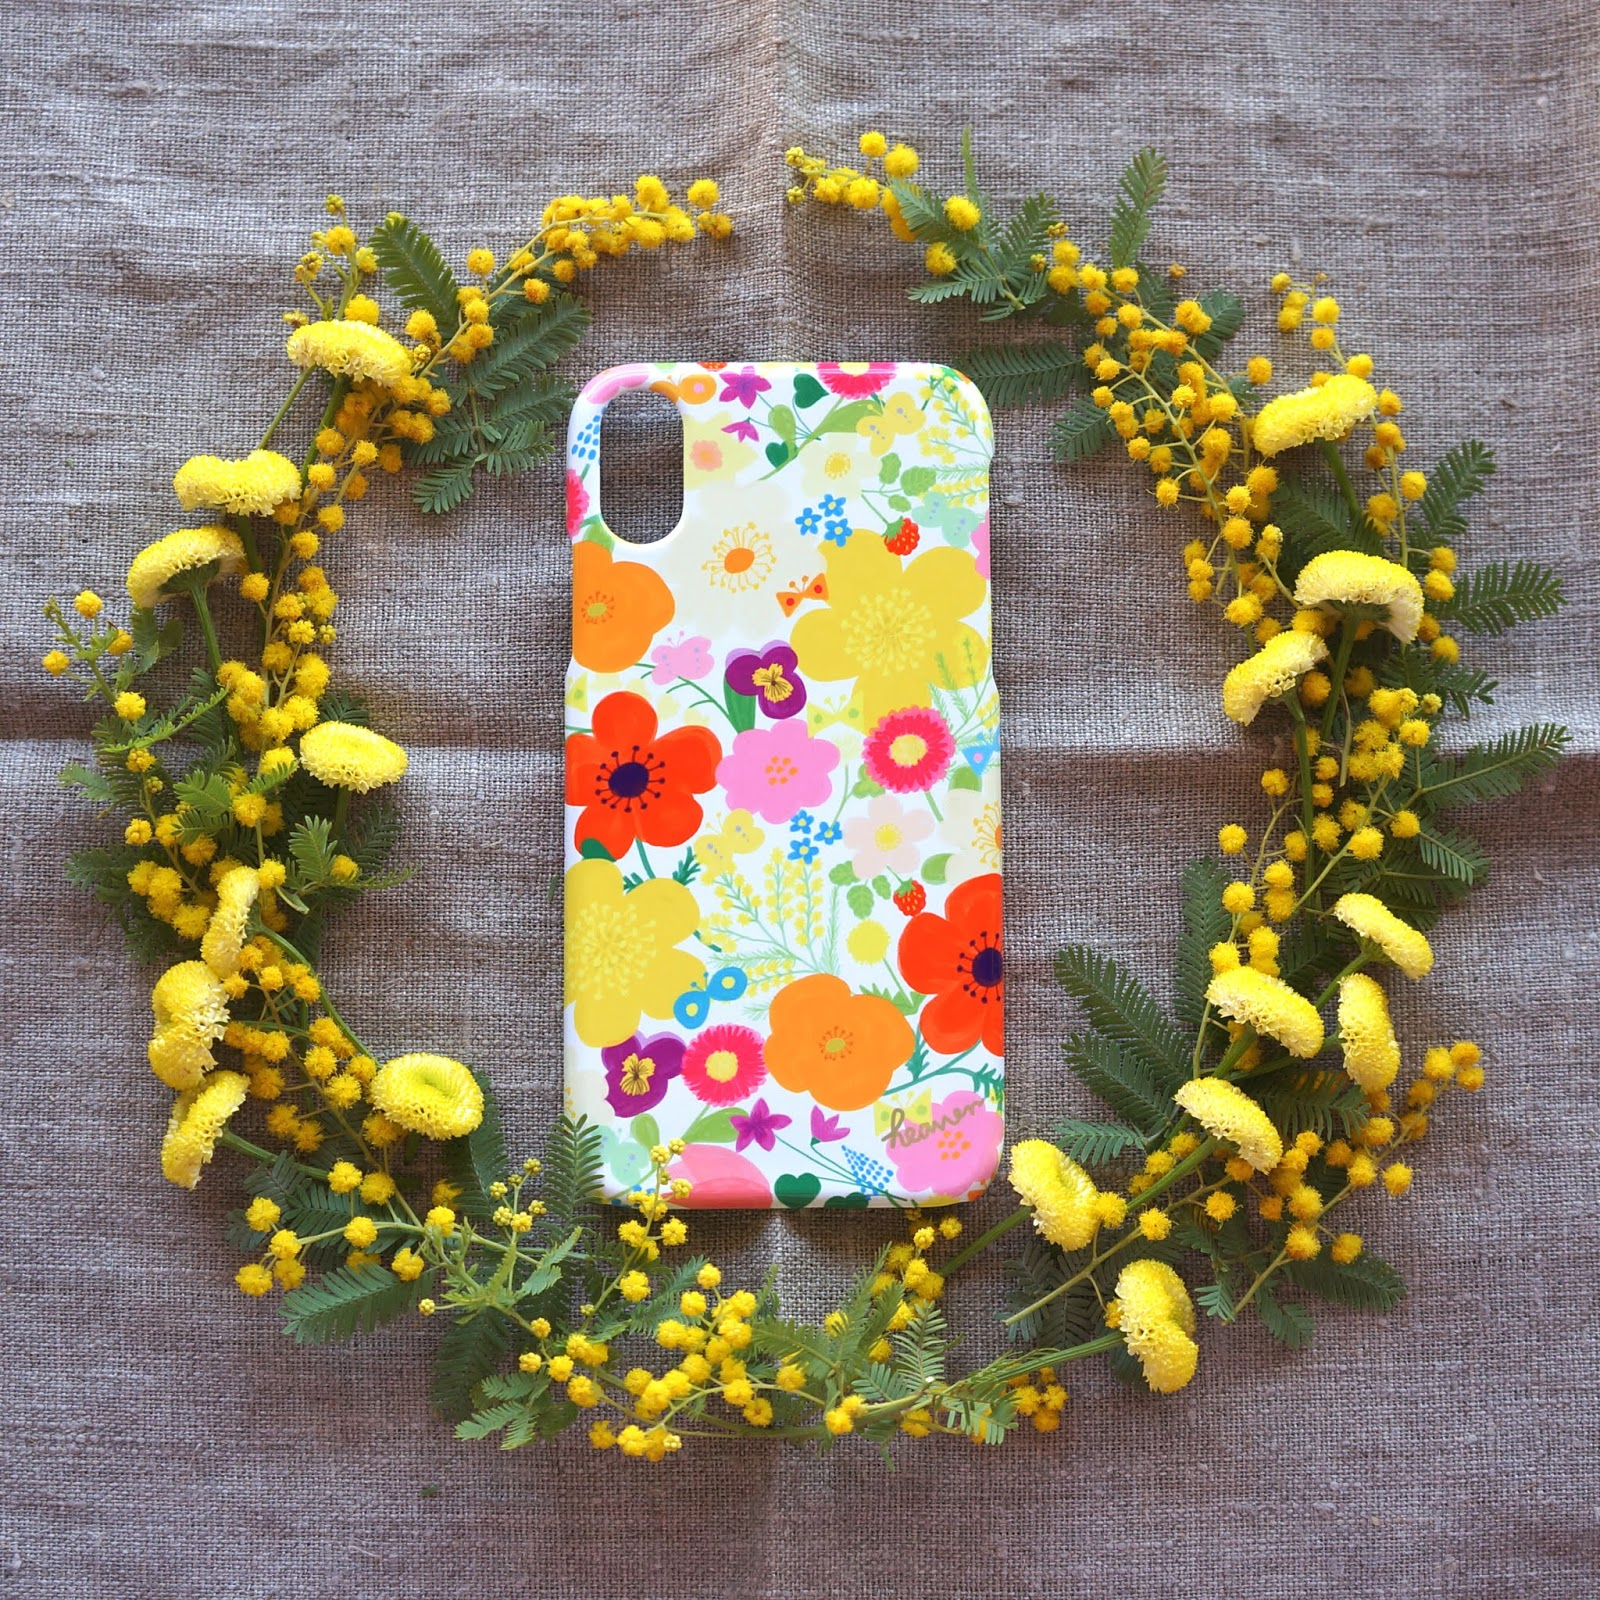 新作スマホケース「happy garden」5色出来上がりました☆彡